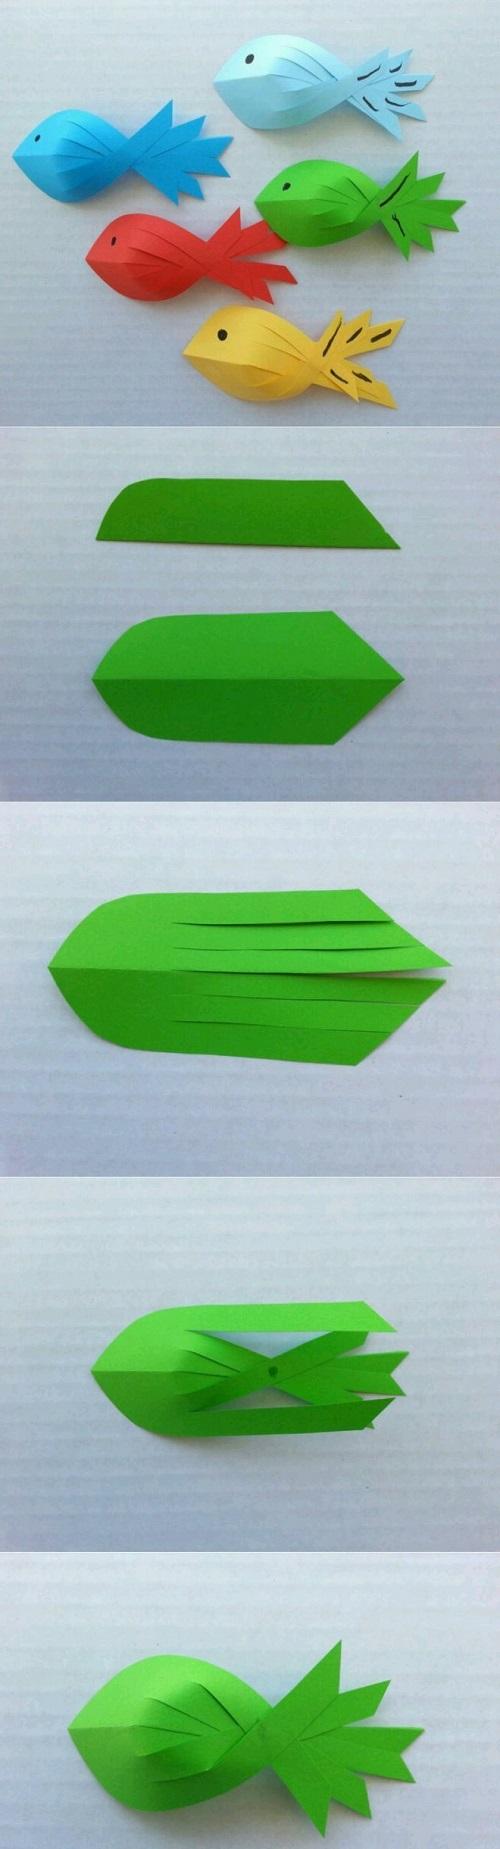 Fon Kartonundan Balık Yapımı Resimli Anlatım